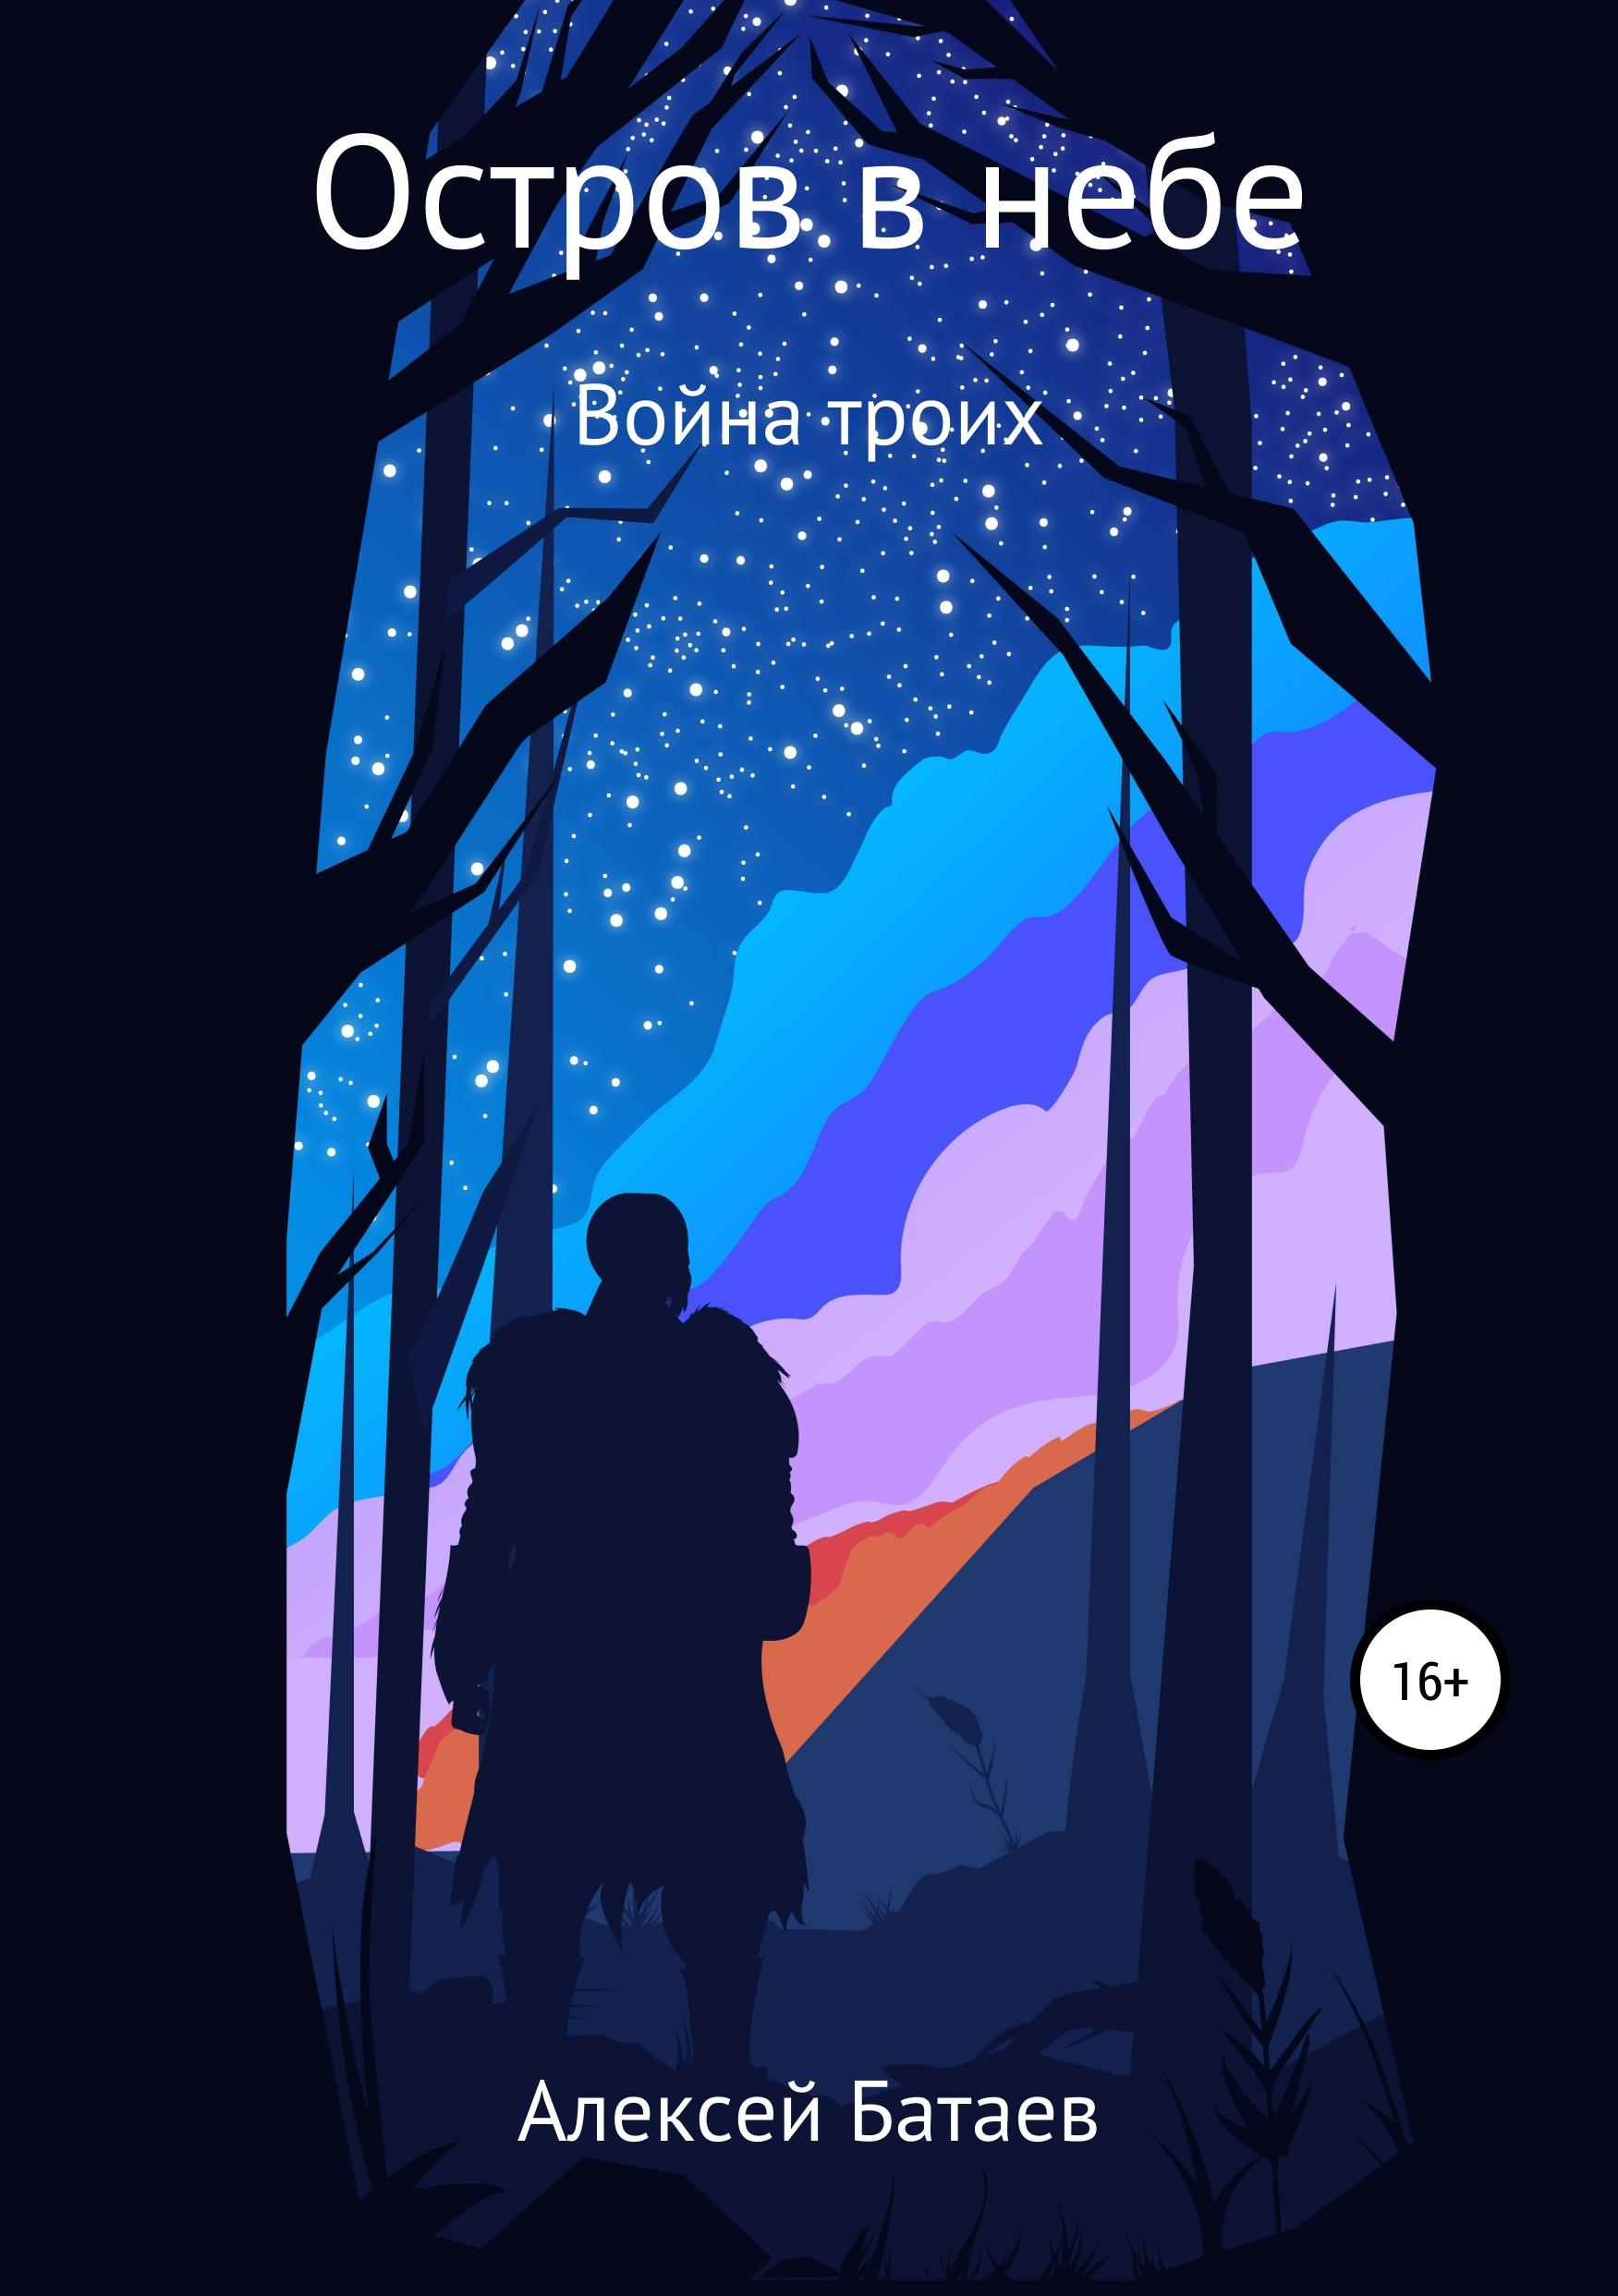 Купить книгу Остров в небе: война троих, автора Алексея Евгеньевича Батаева